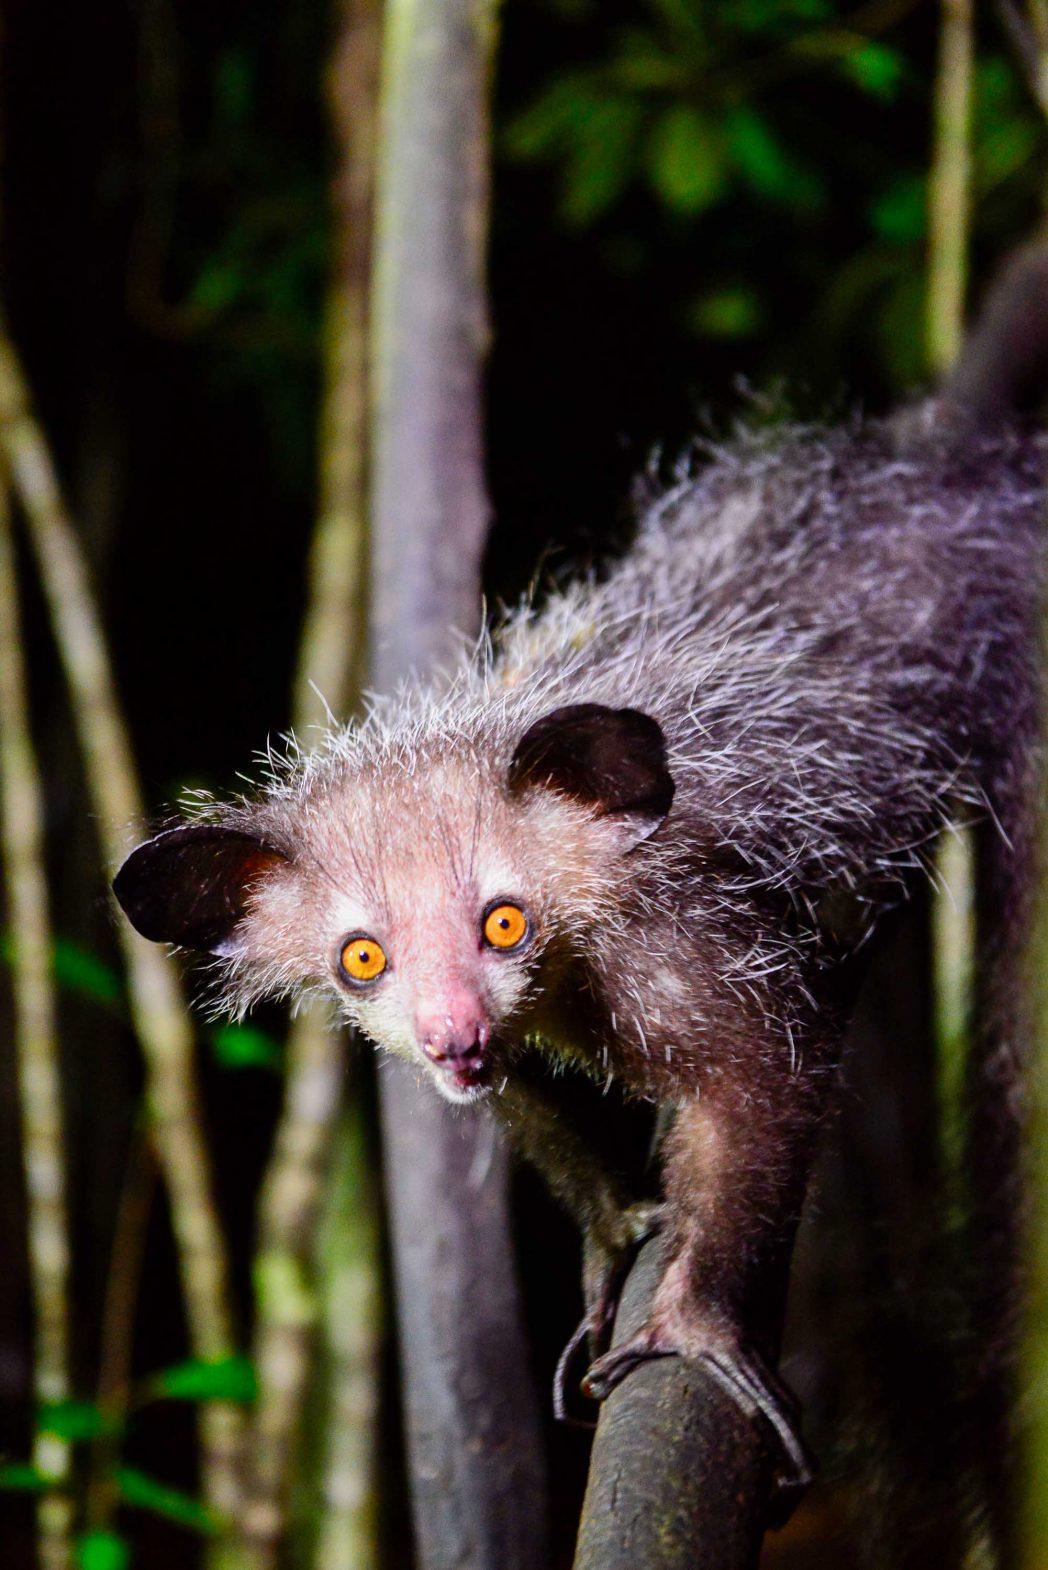 The elusive, endangered aye-aye in Madagascar.